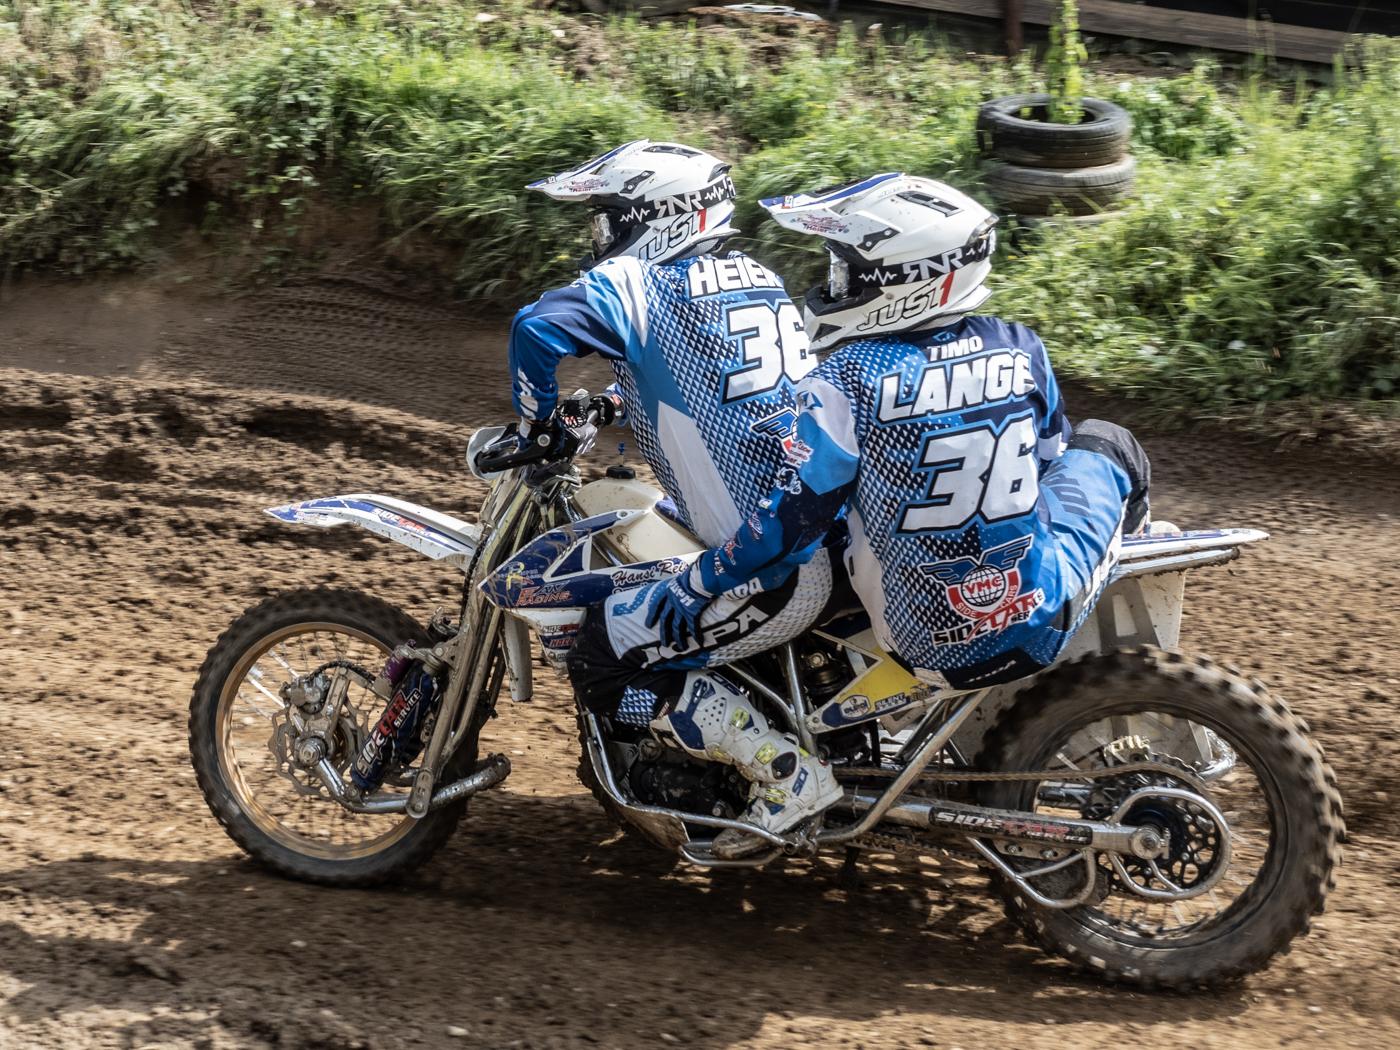 210815-2-Motocross-Ohlenberg-EM5iii-140-500-832